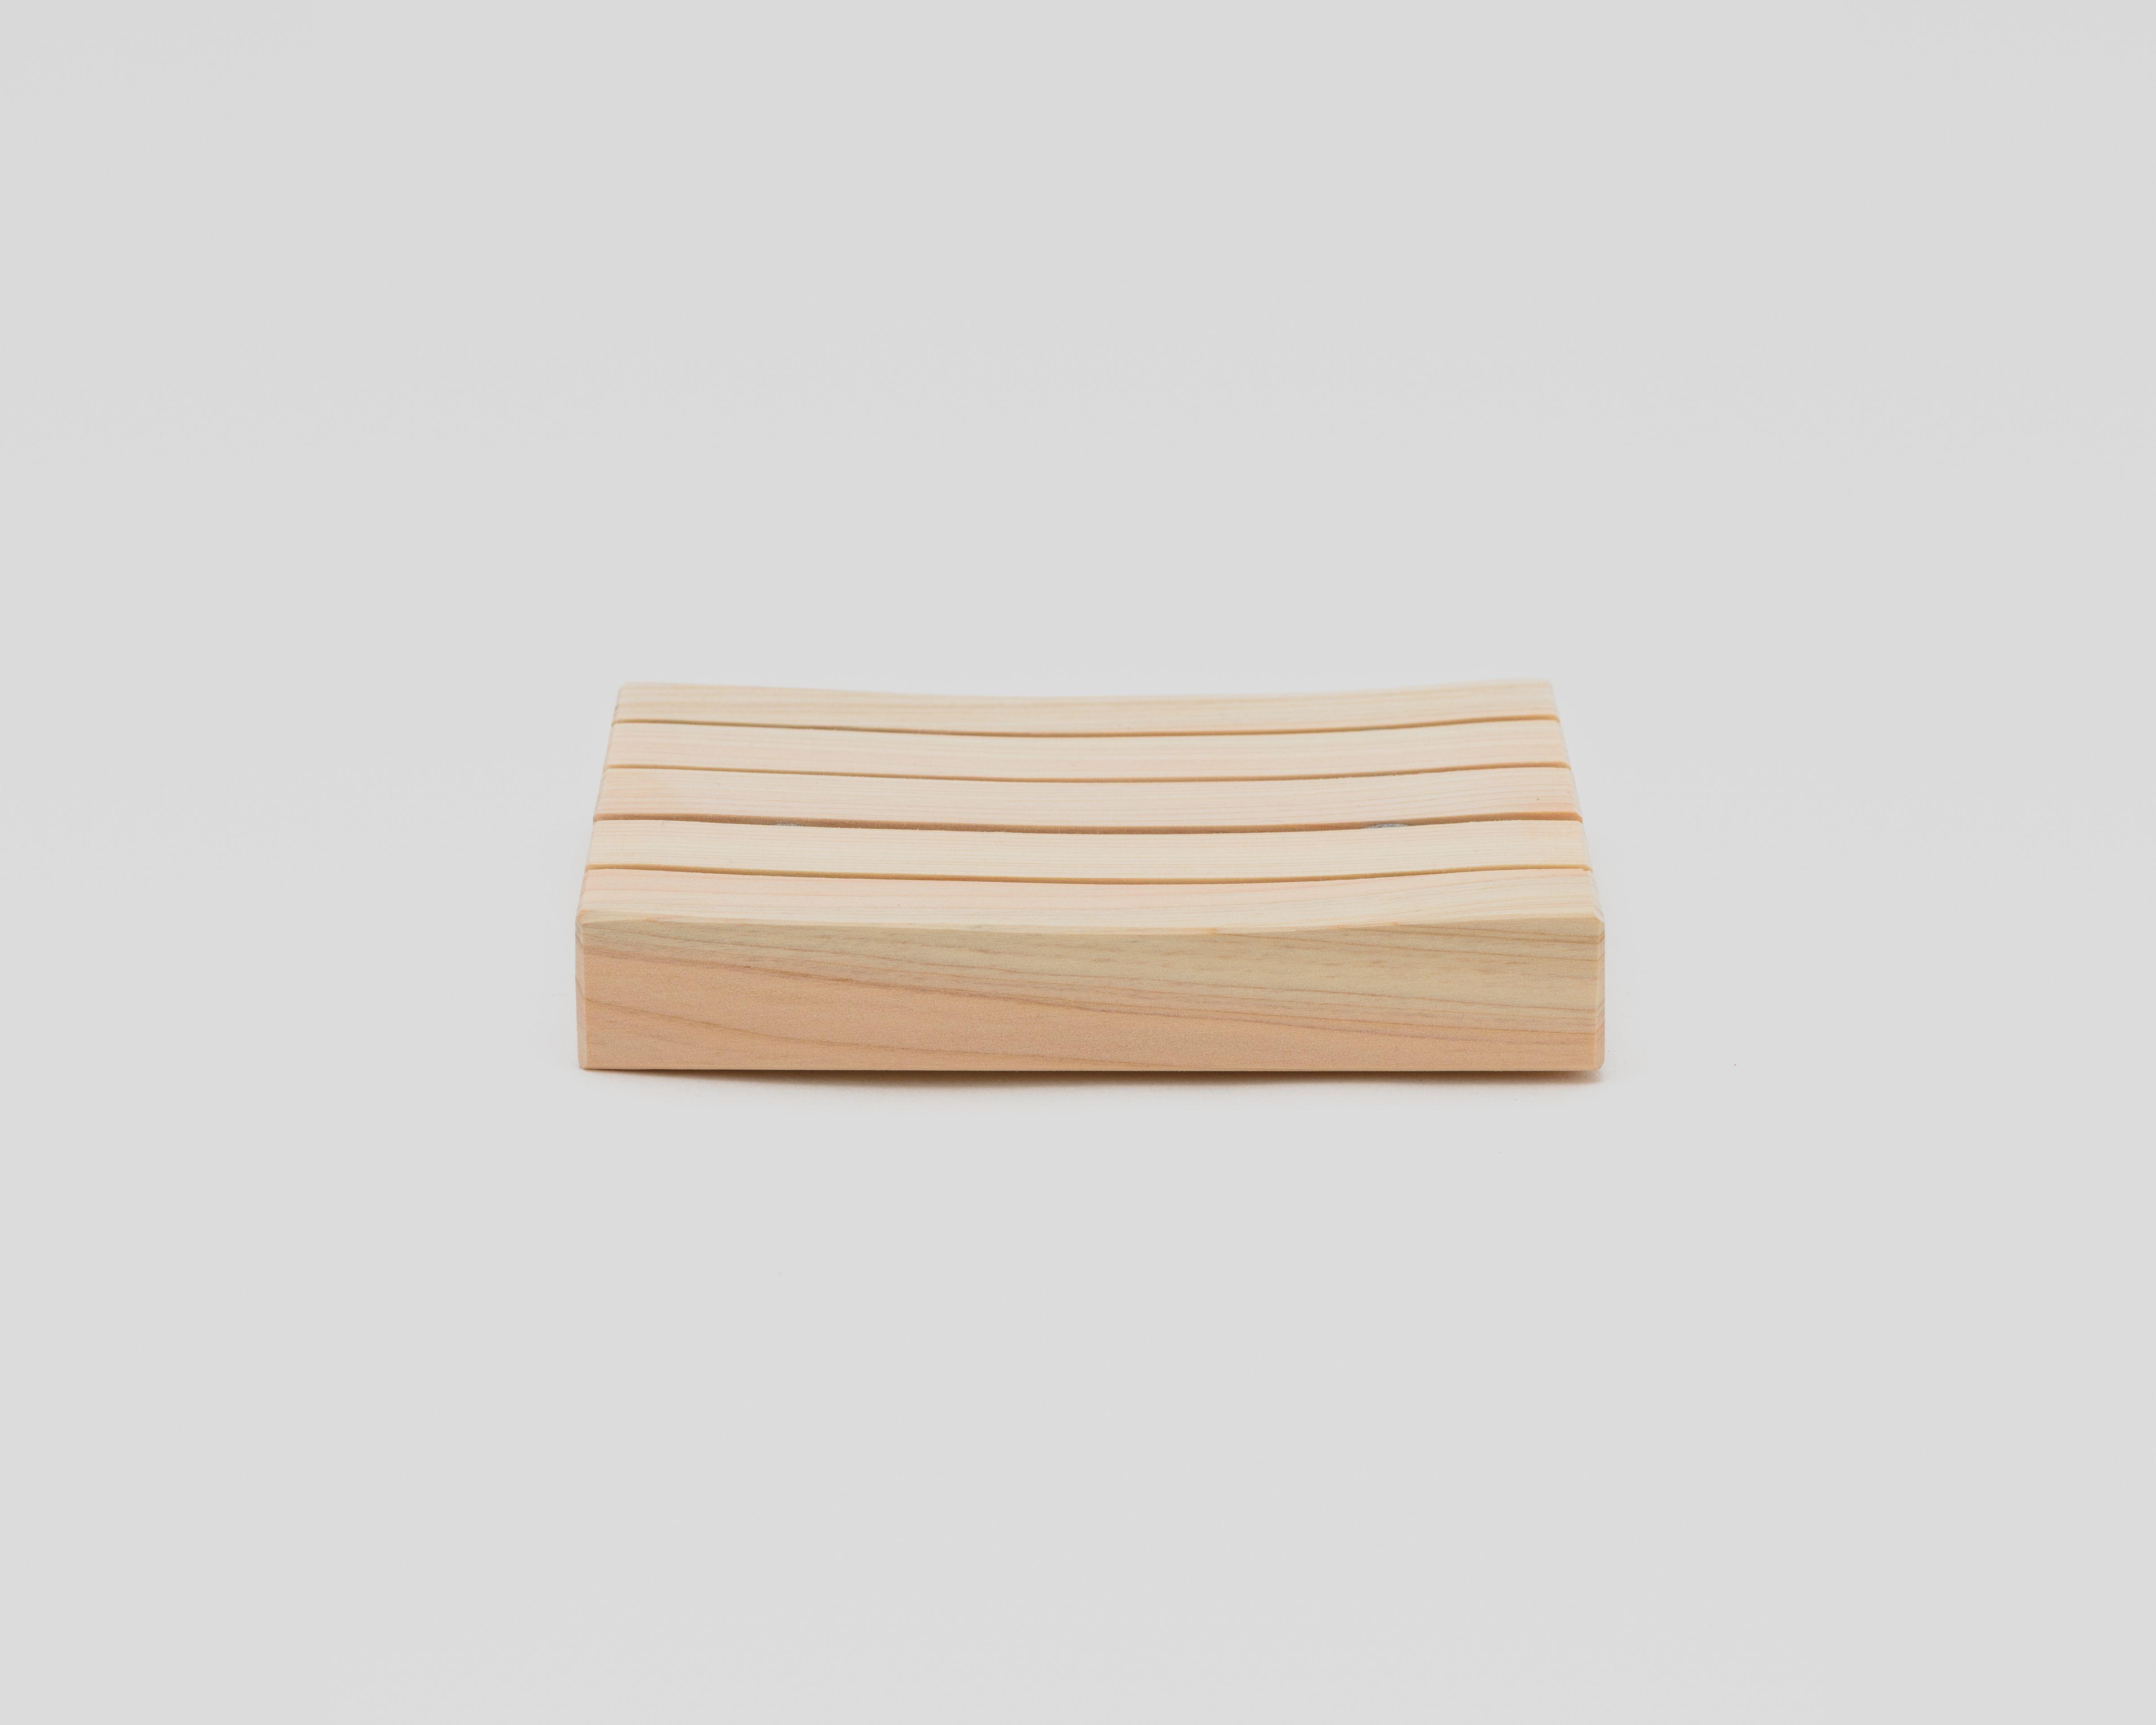 木曽の檜でつくったソープディッシュ03